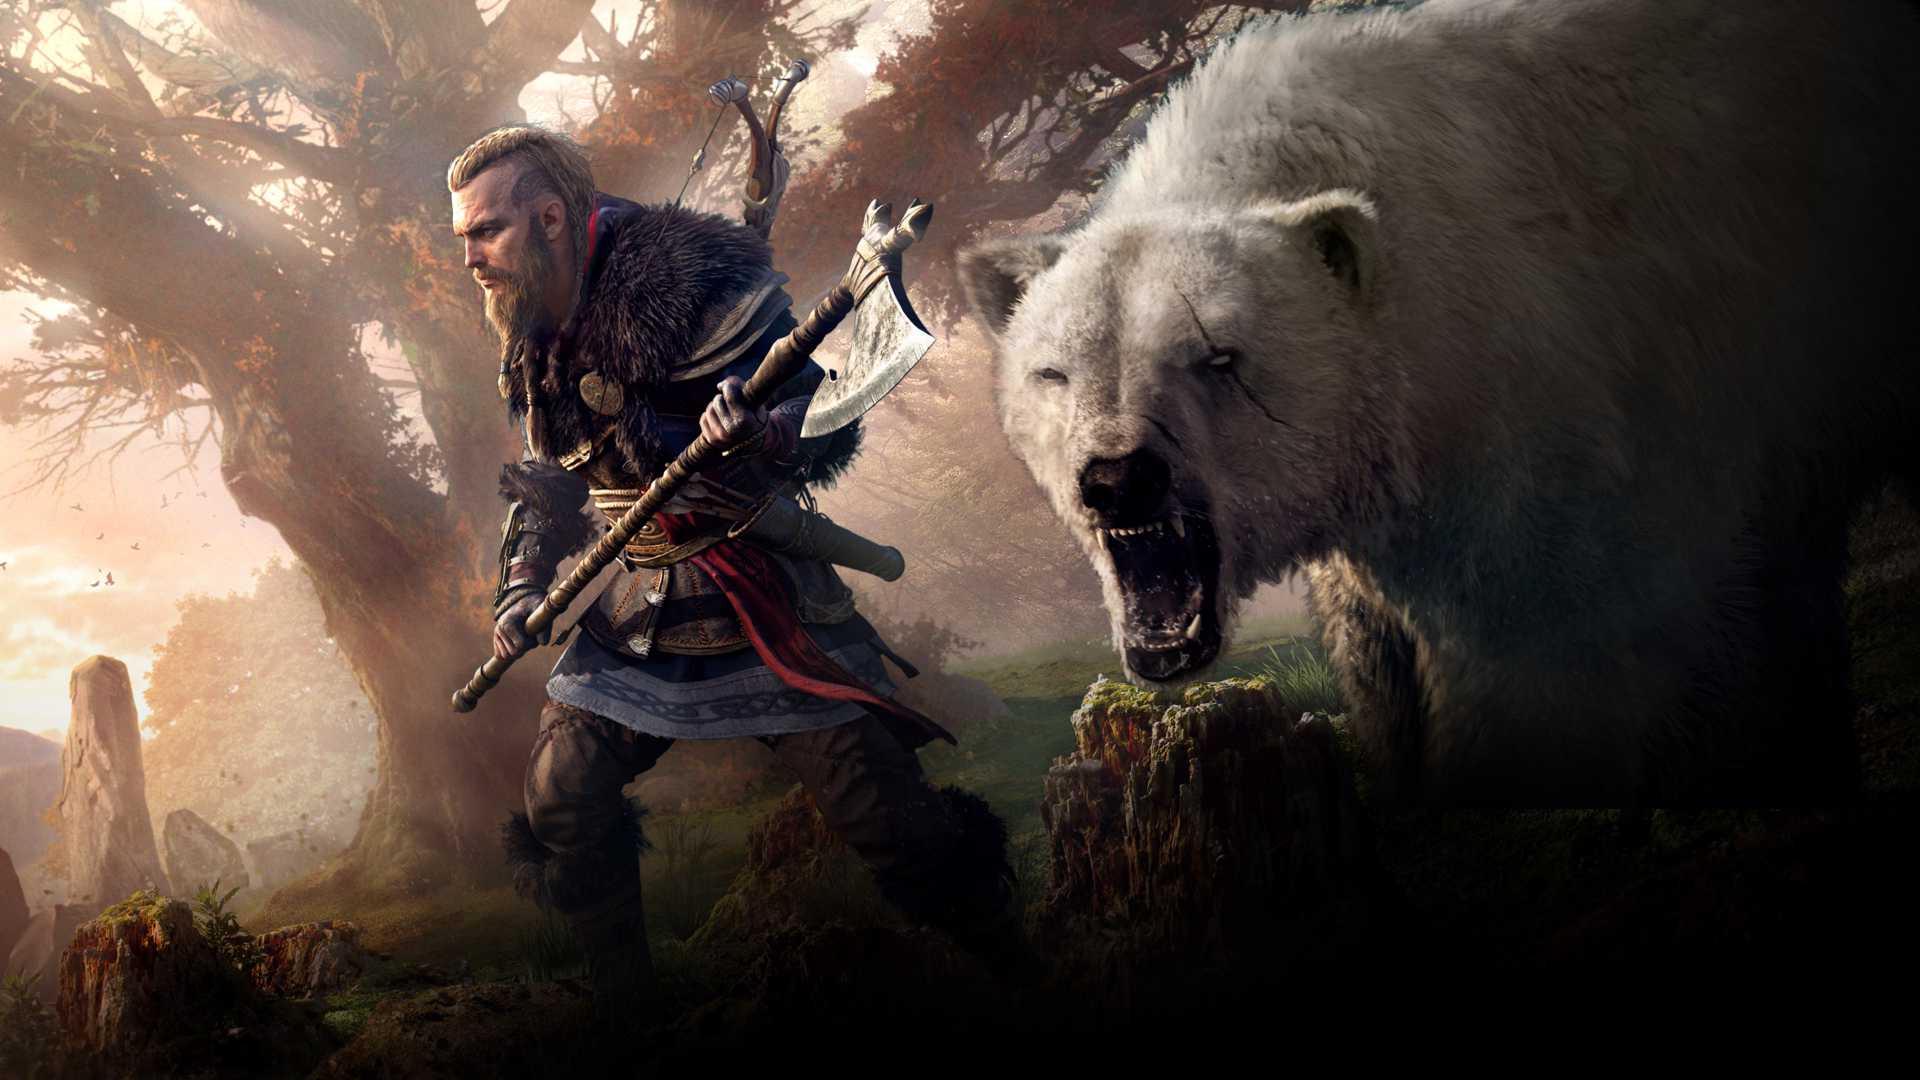 Миссию «Путь берсерка» для Assassin's Creed Valhalla теперь можно разблокировать